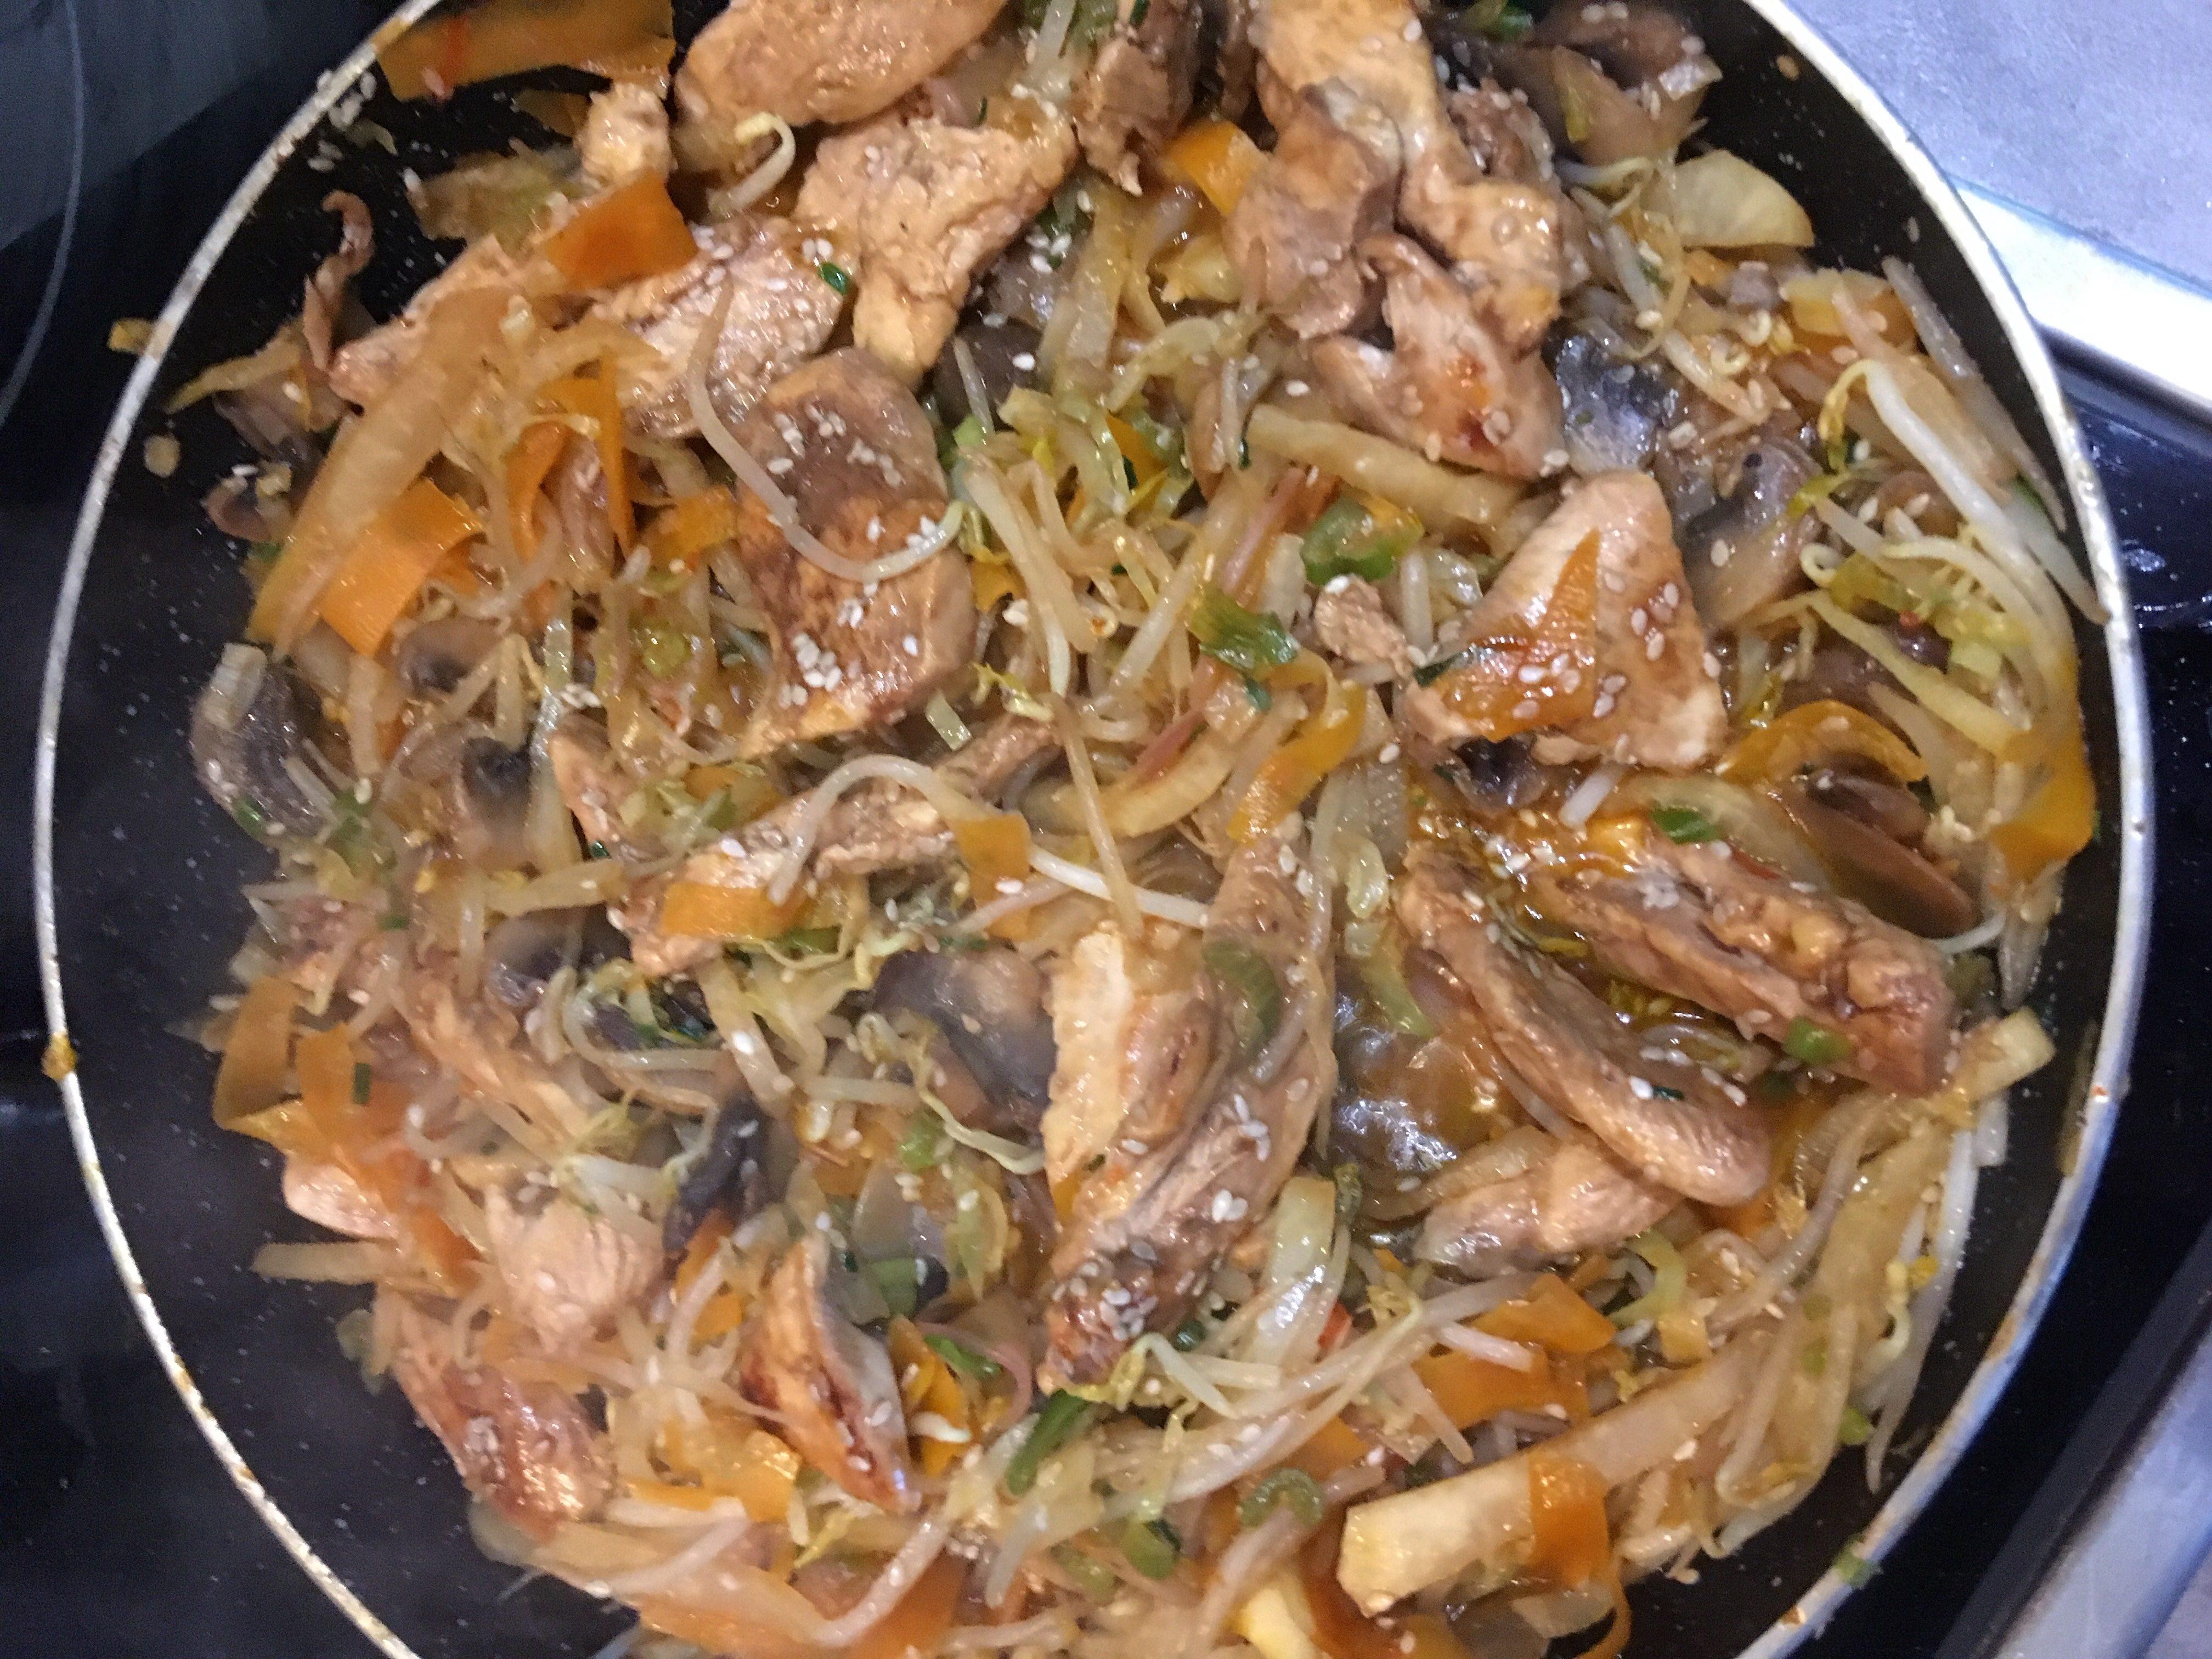 Chinesisches Gemüsepfandl auf waskochen.at